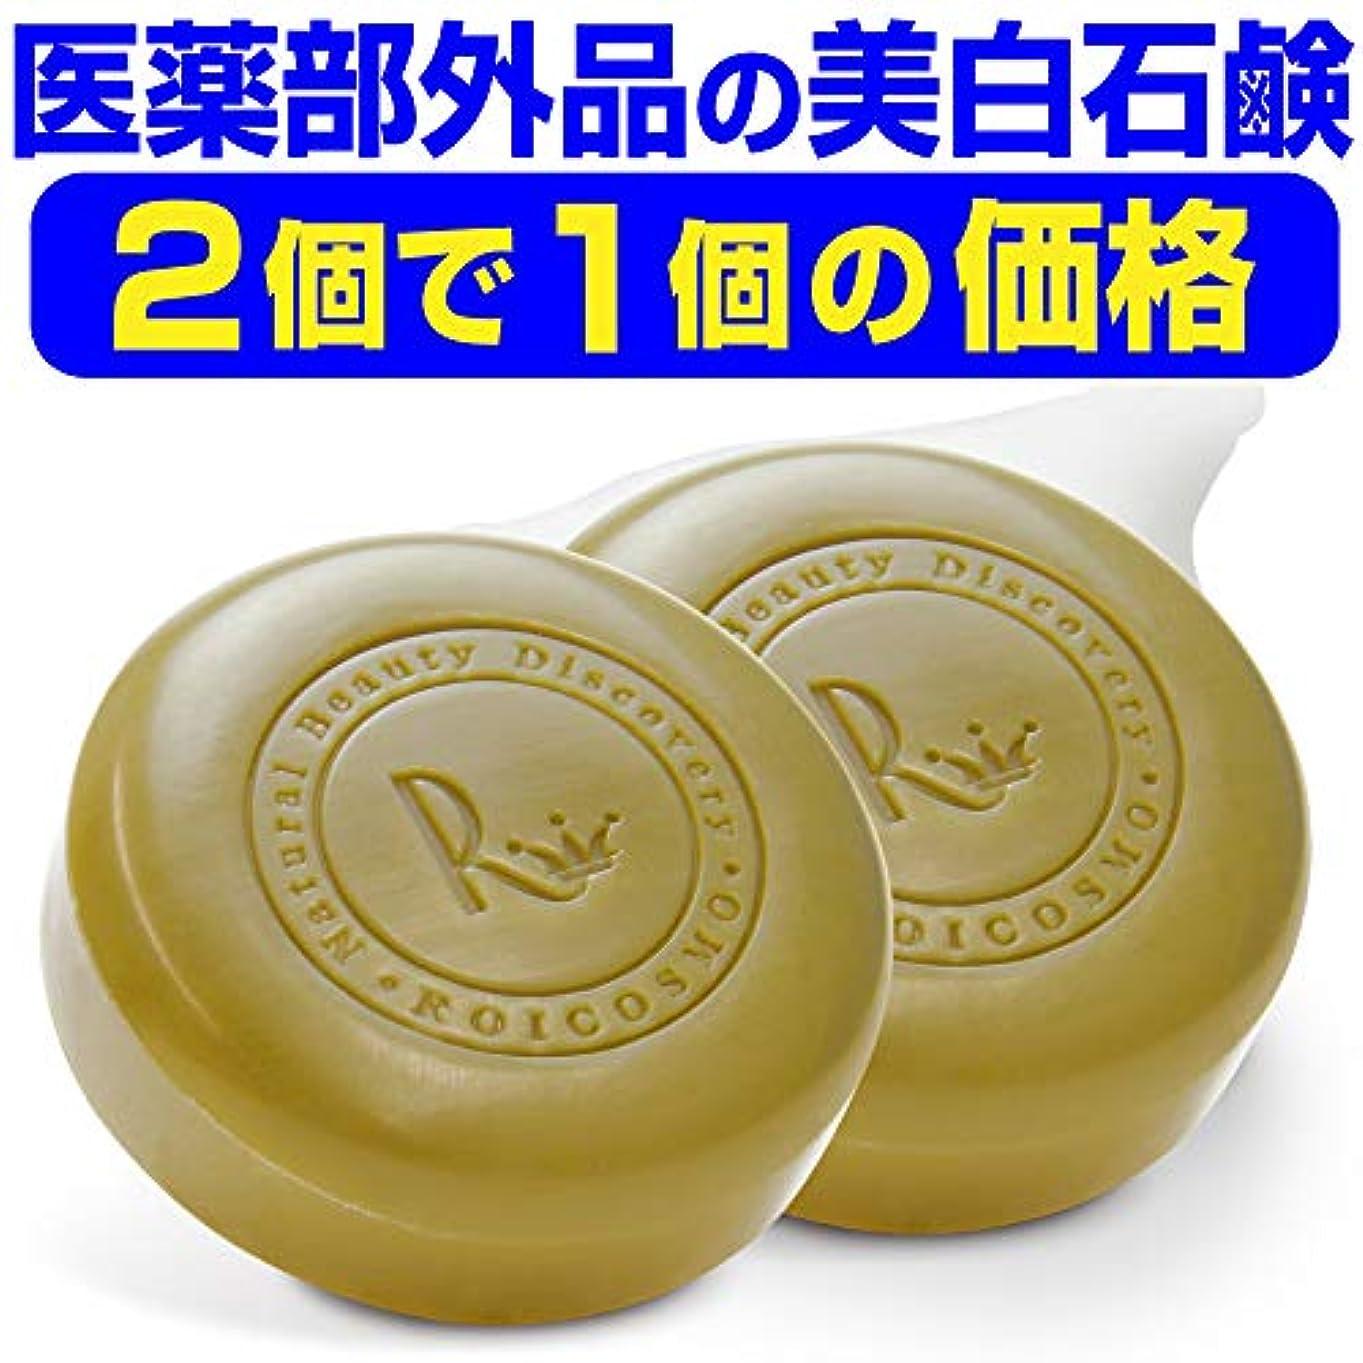 振動するキャビン観光に行く2個で1個の価格(実質50%OFF) ビタミンC270倍の美白成分配合『ホワイトソープ100g×2個で1個の価格』